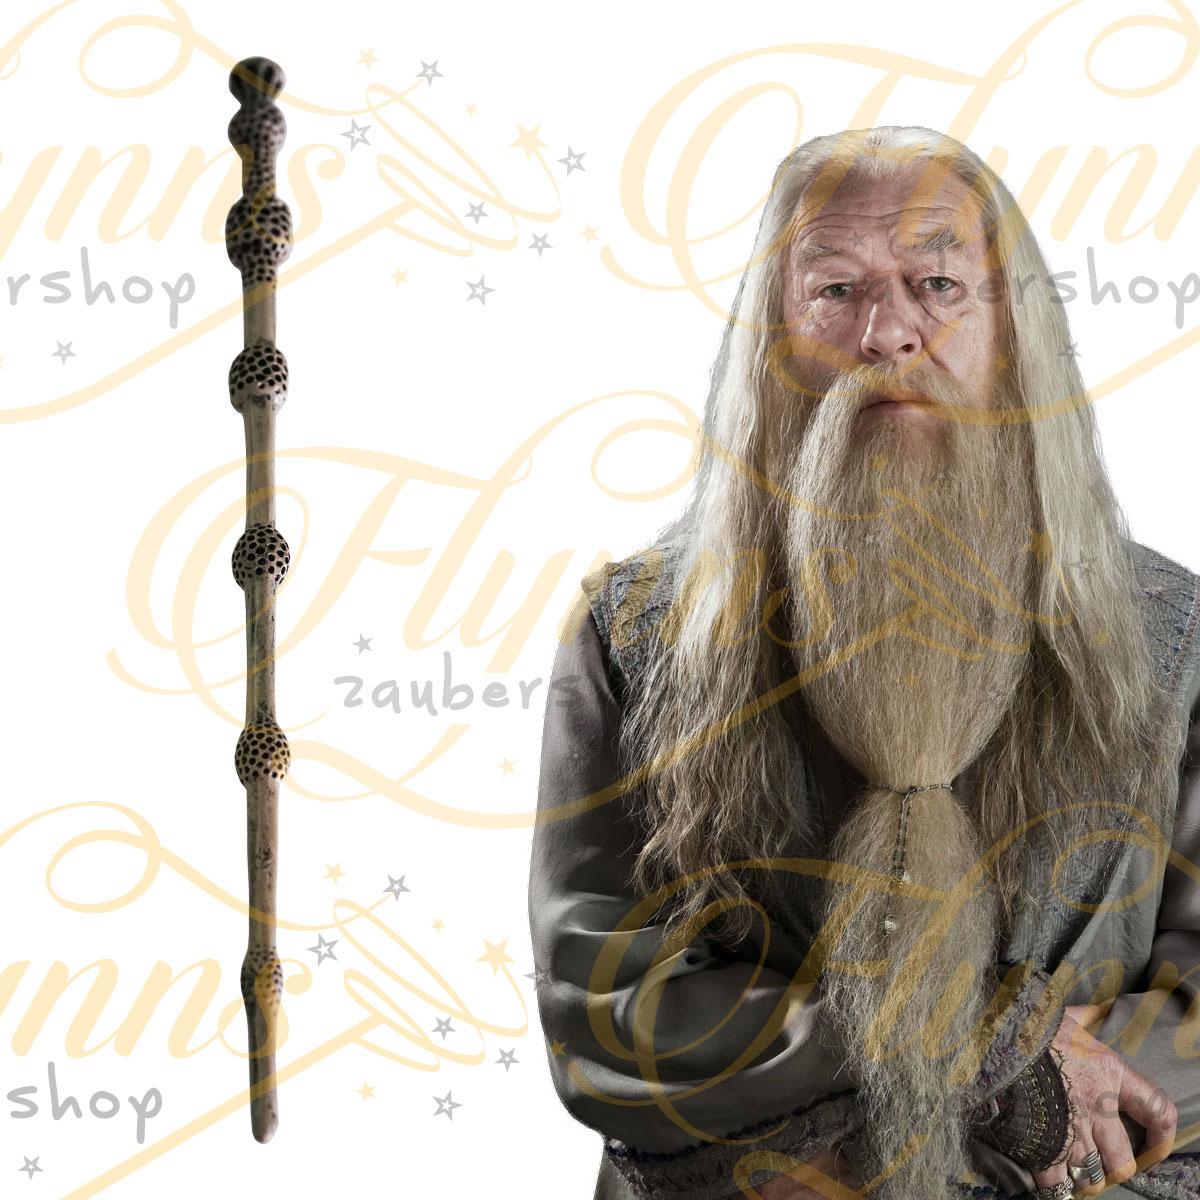 Albus Dumbledore | Harry Potter | Flynns Zaubershop